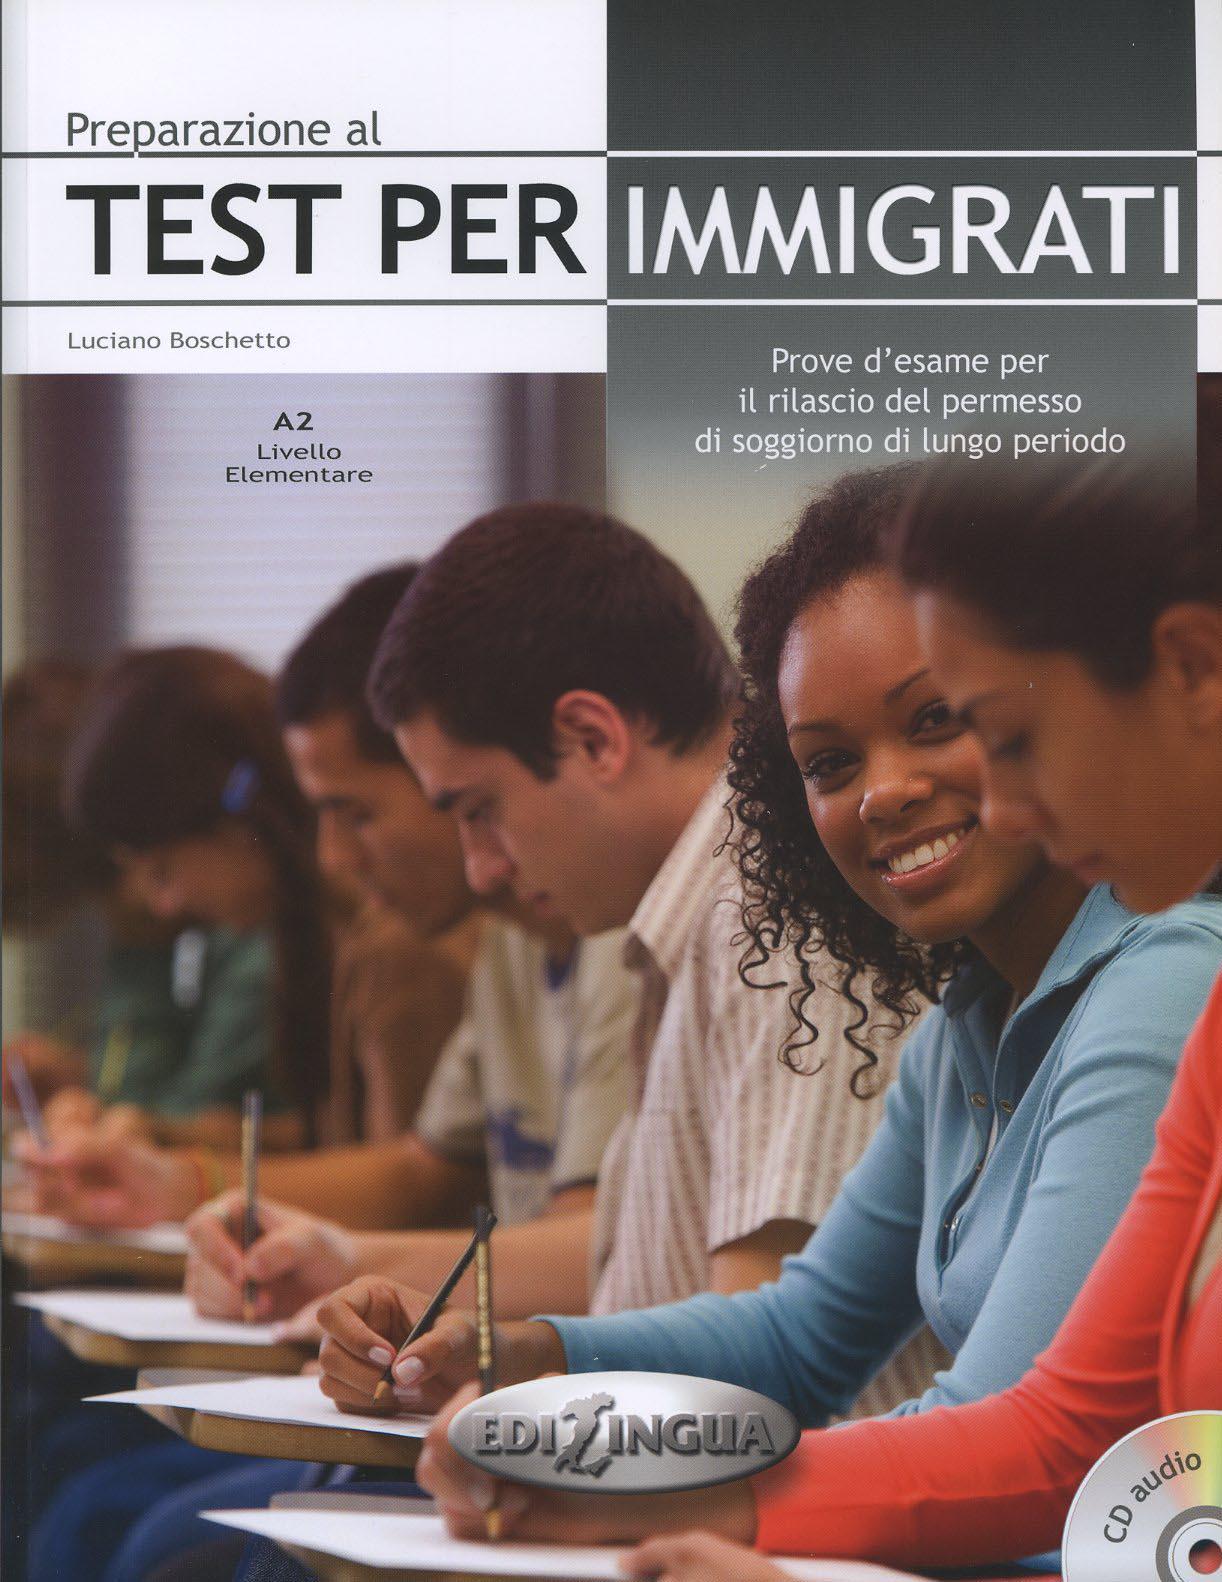 preparazione al test per immigrati prove d esame per il